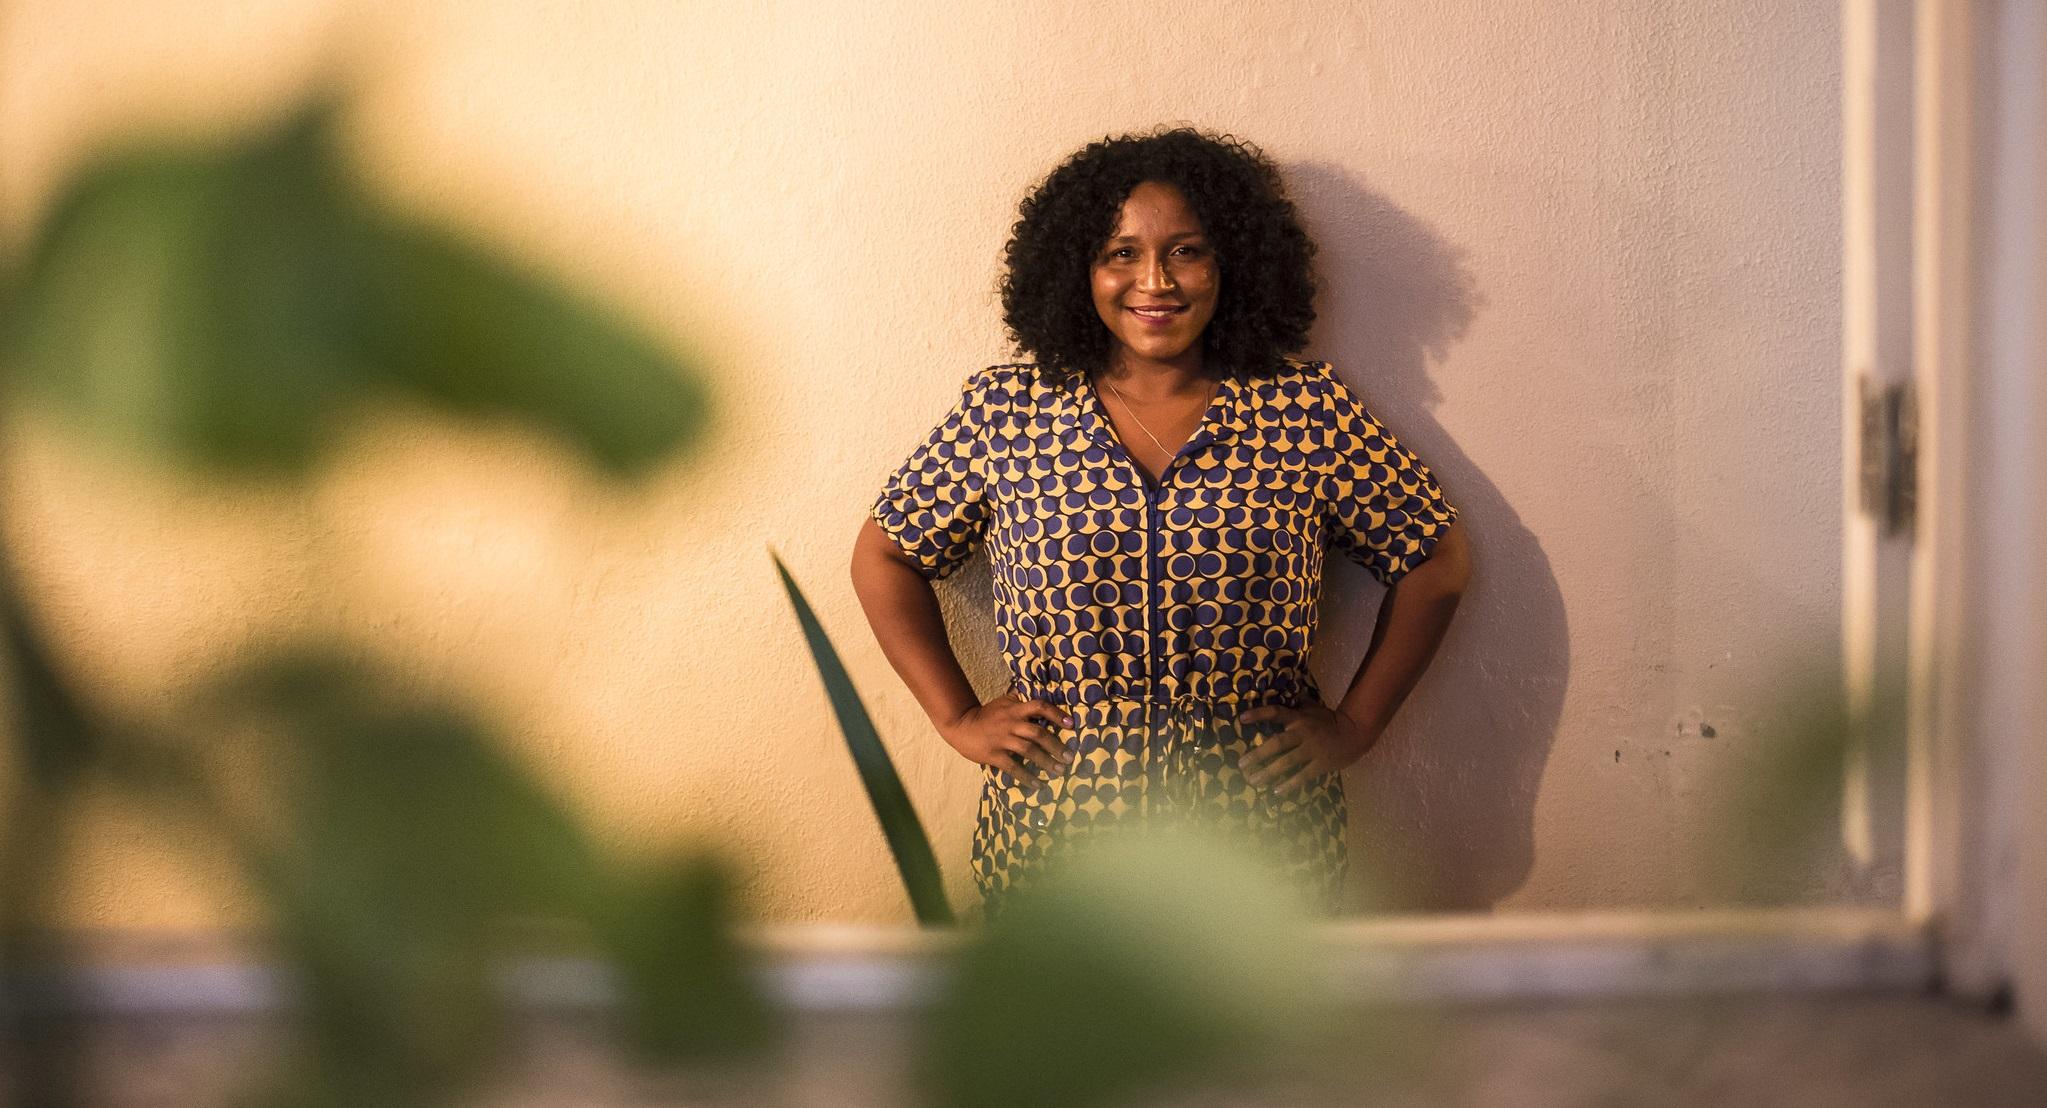 Silvana Bahia lembra da importância de celebrarmos as mulheres incríveis que estão ao nosso lado (foto: Olabi/Valda Nogueira).